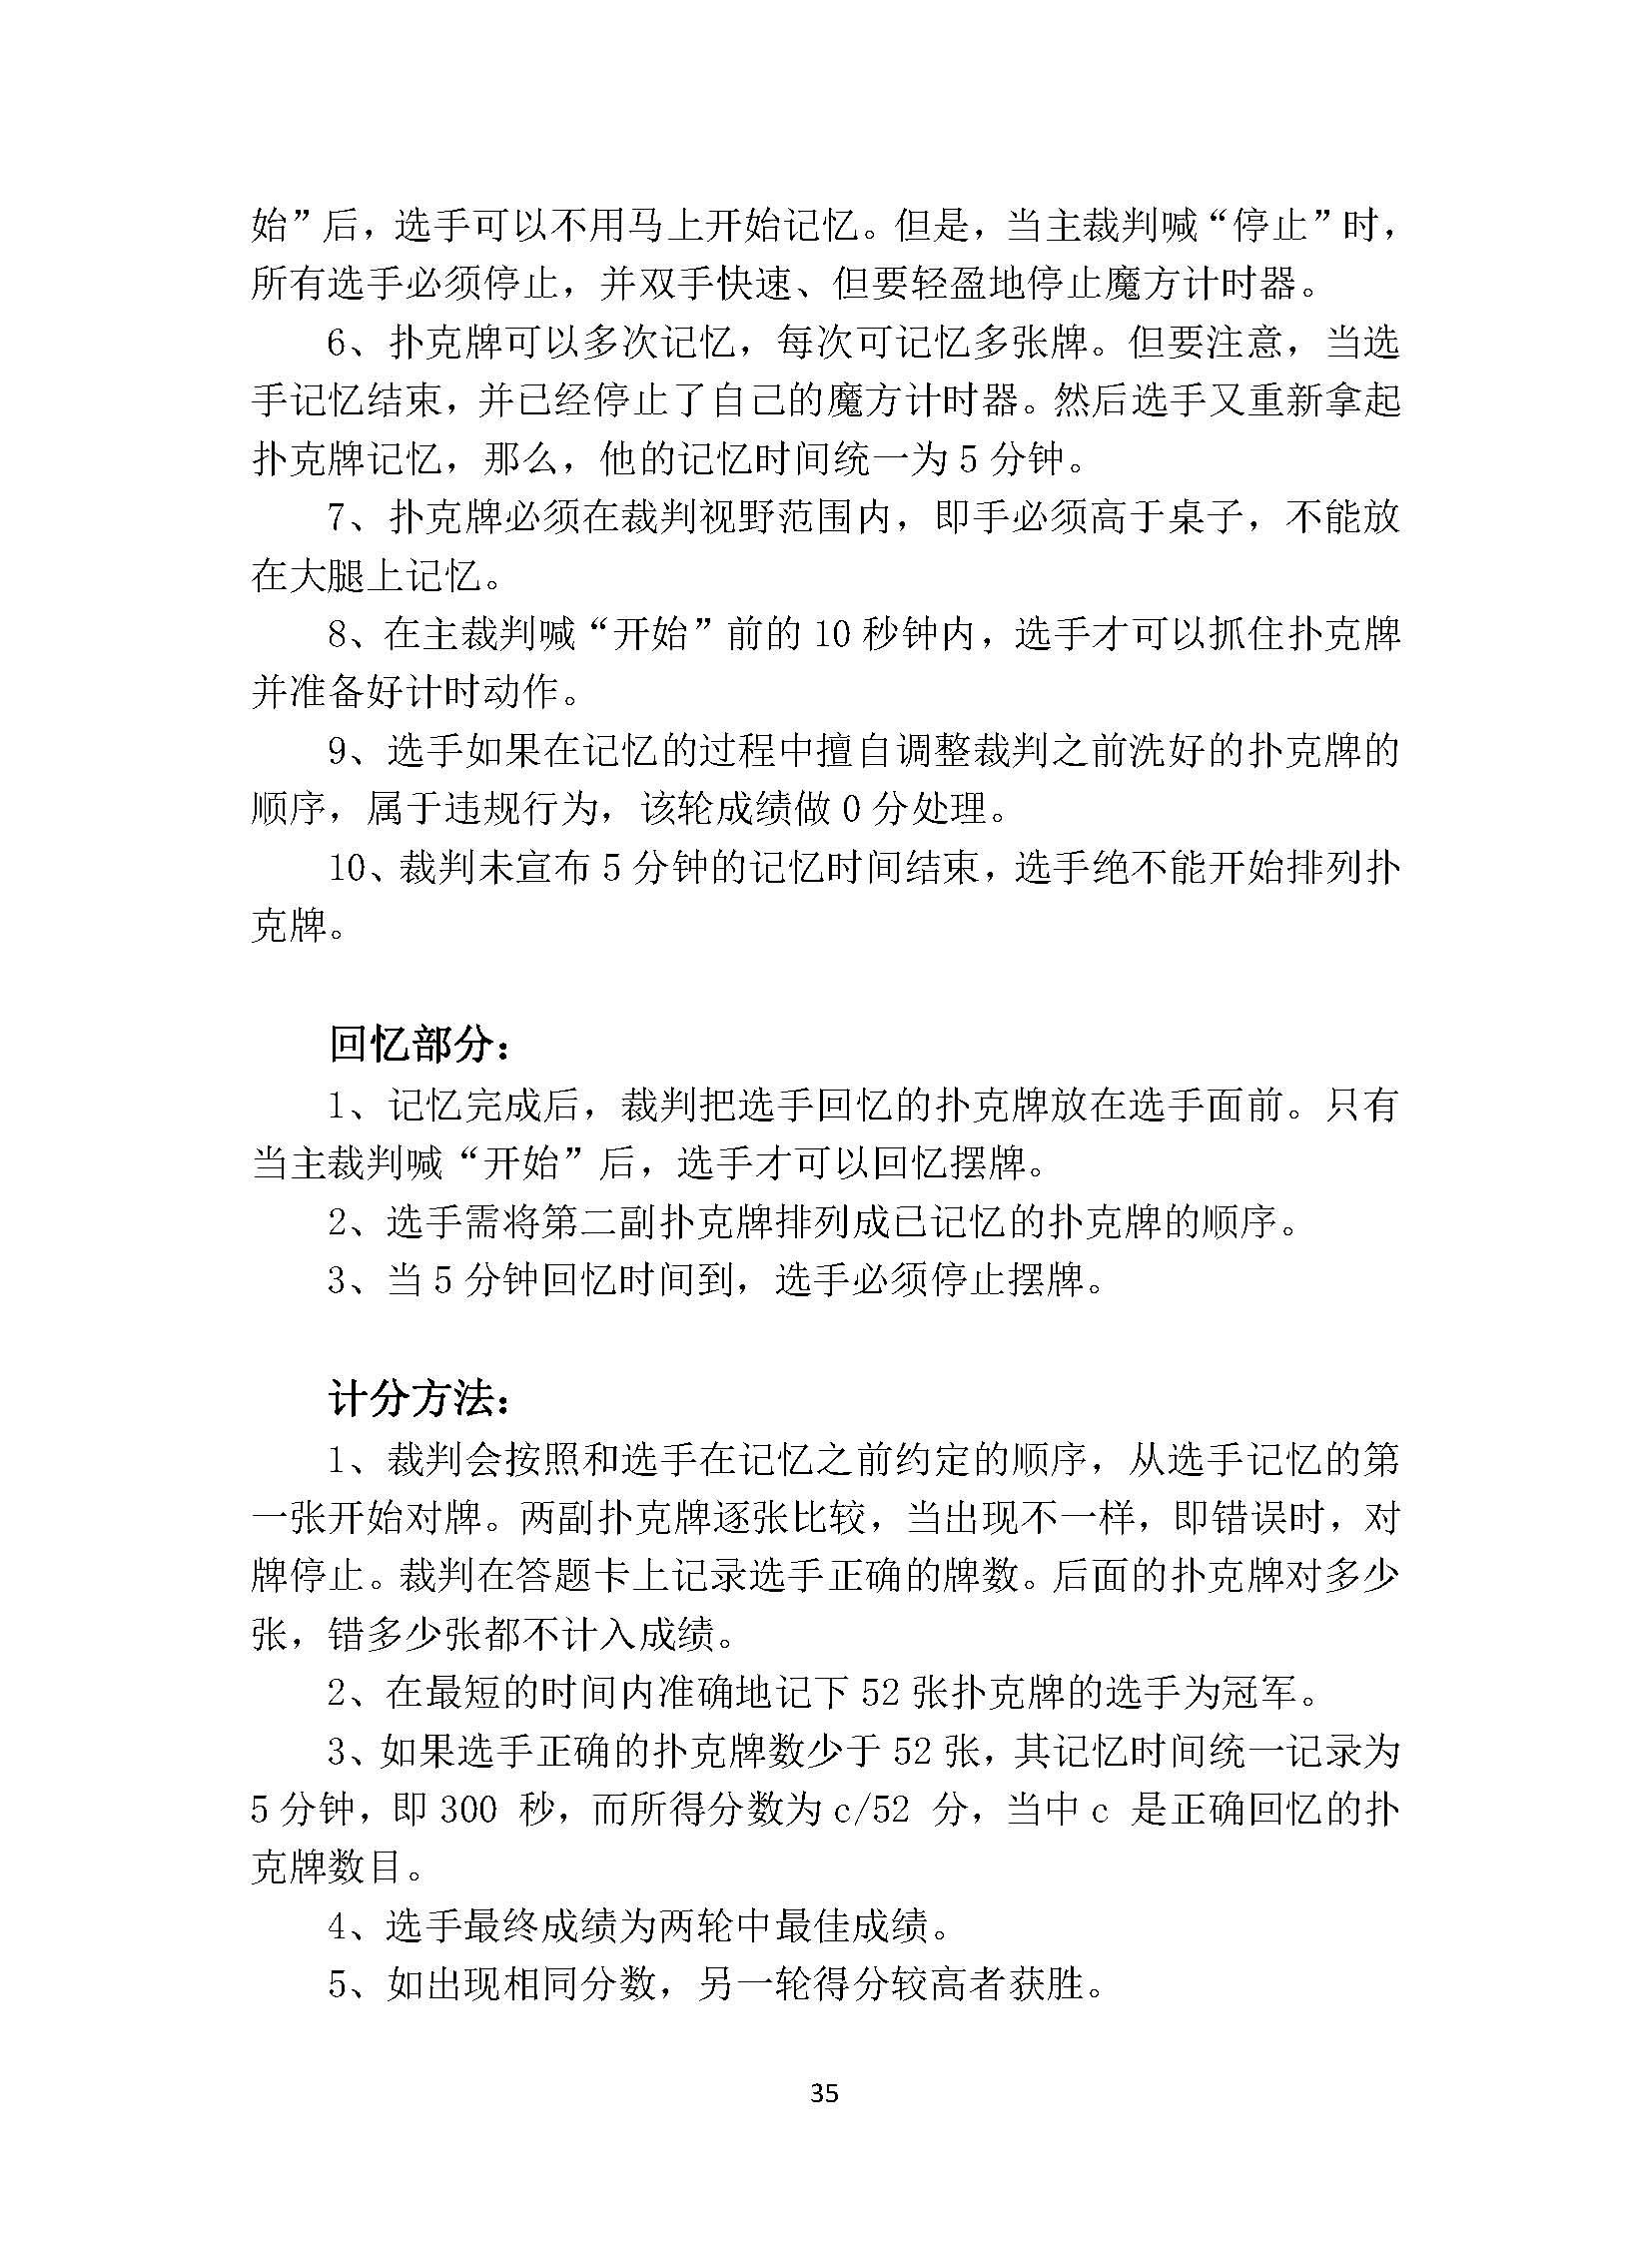 2019WMC选手训练手册-十大项目规则_页面_35